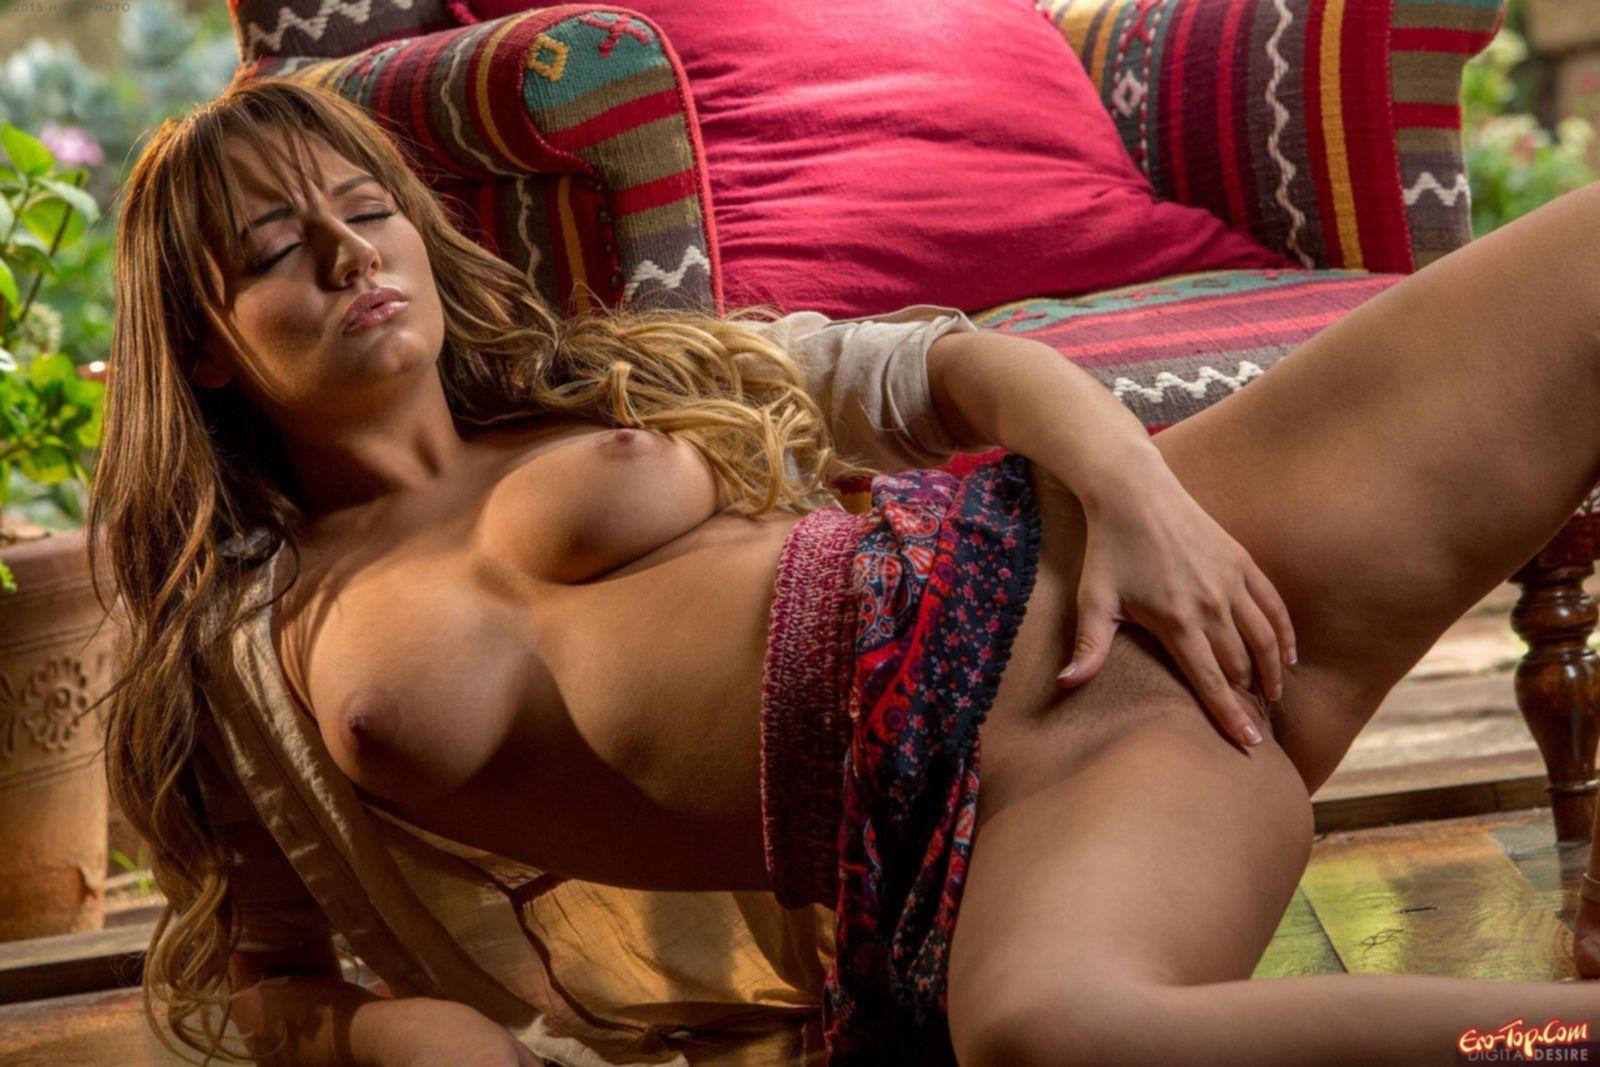 Огромная грудь Charlotte Cross » Эротика. Смотреть фото красивых голых девушек бесплатно